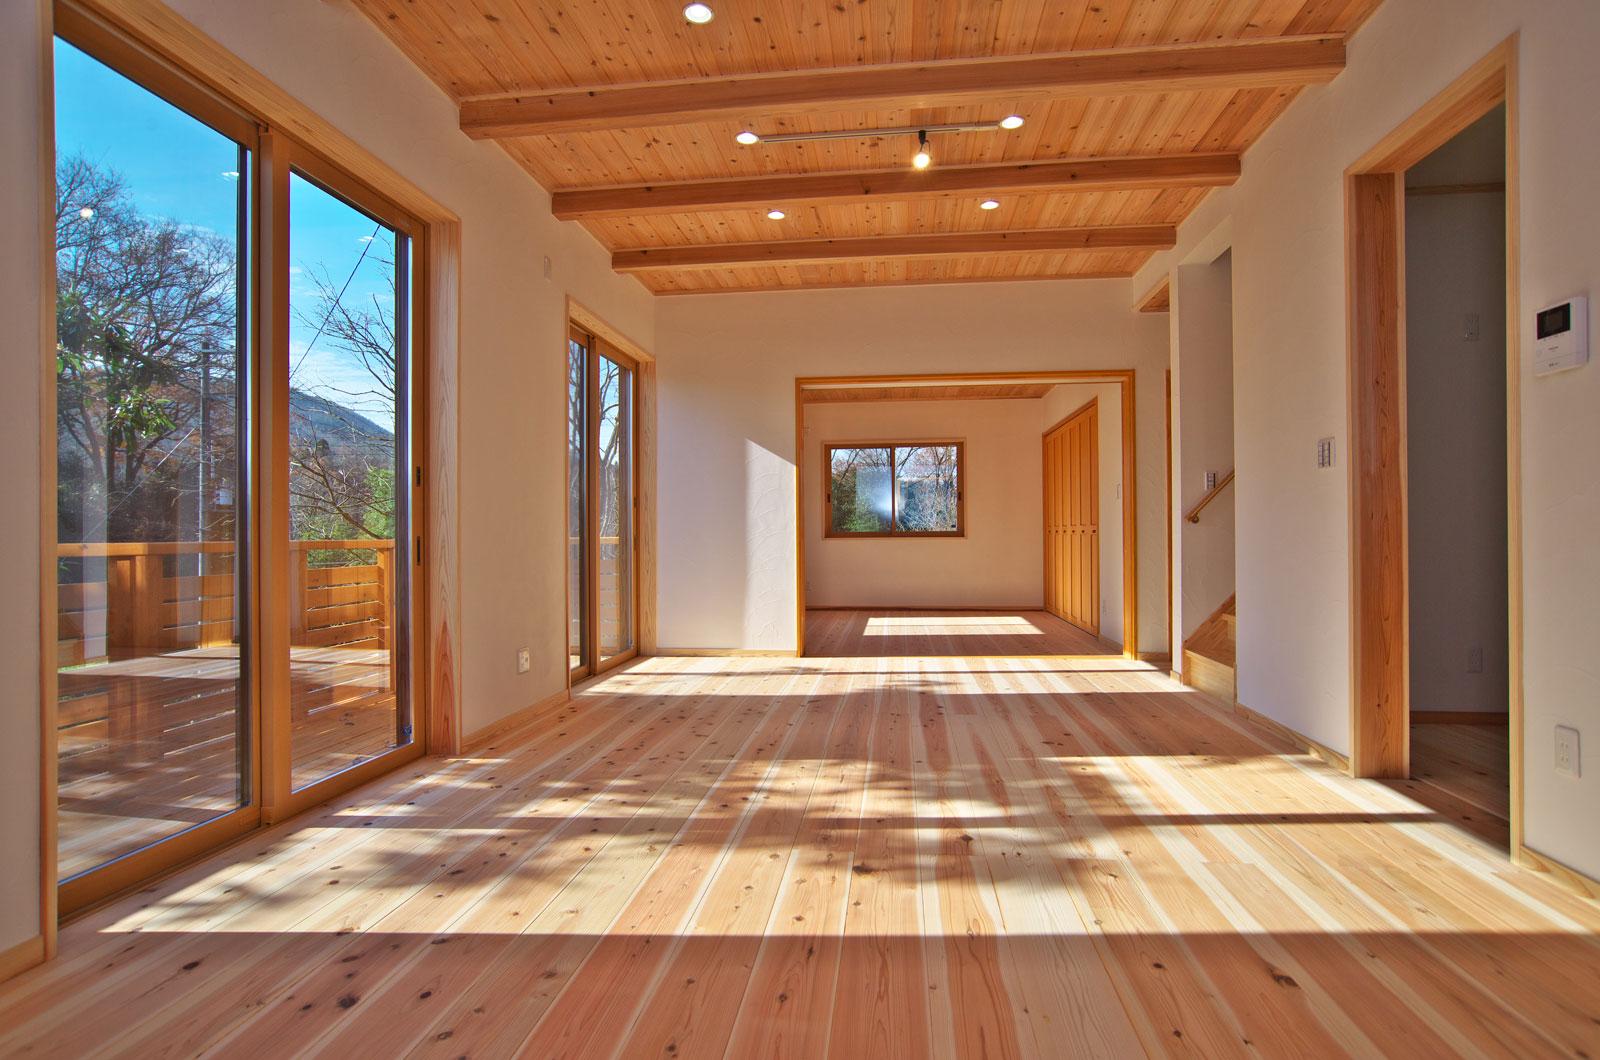 木をふんだんに使った広大なリビングルーム。